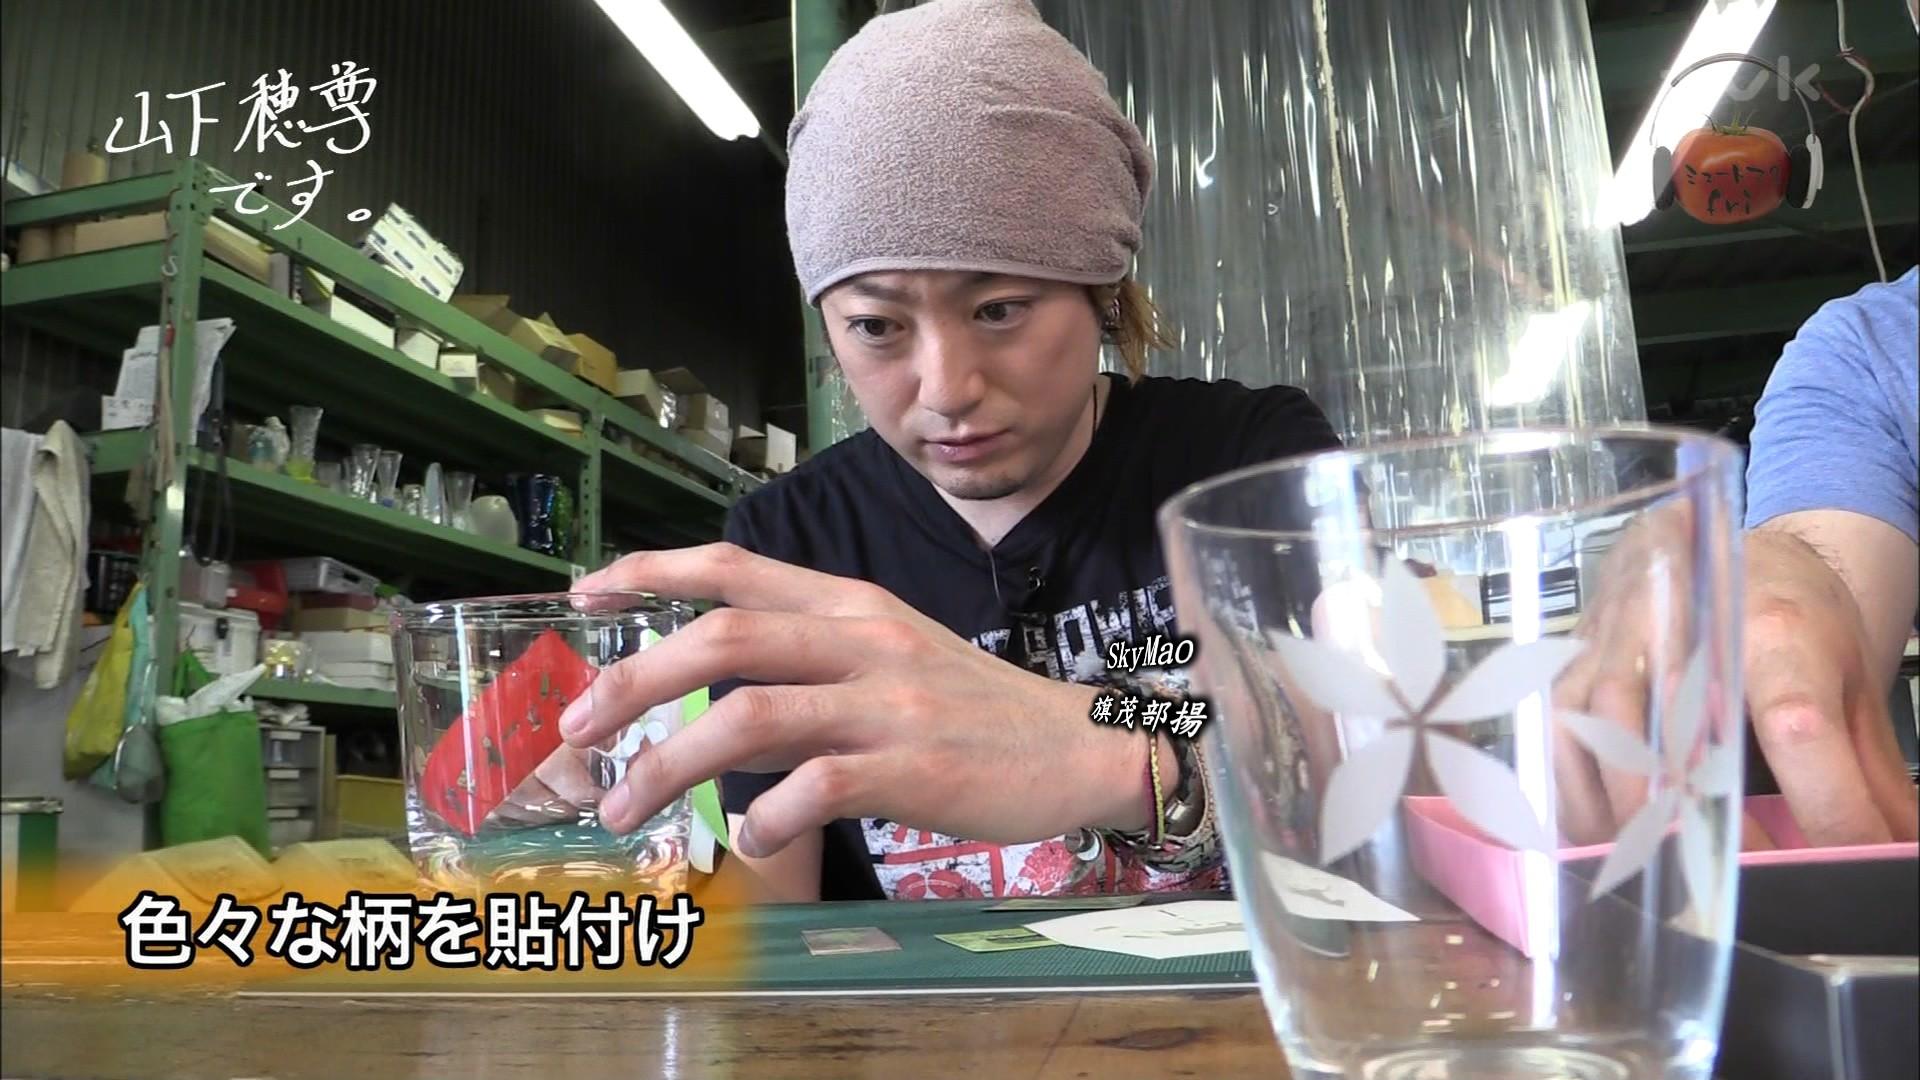 2017.09.29 全場(ミュートマ2).ts_20170930_015629.759